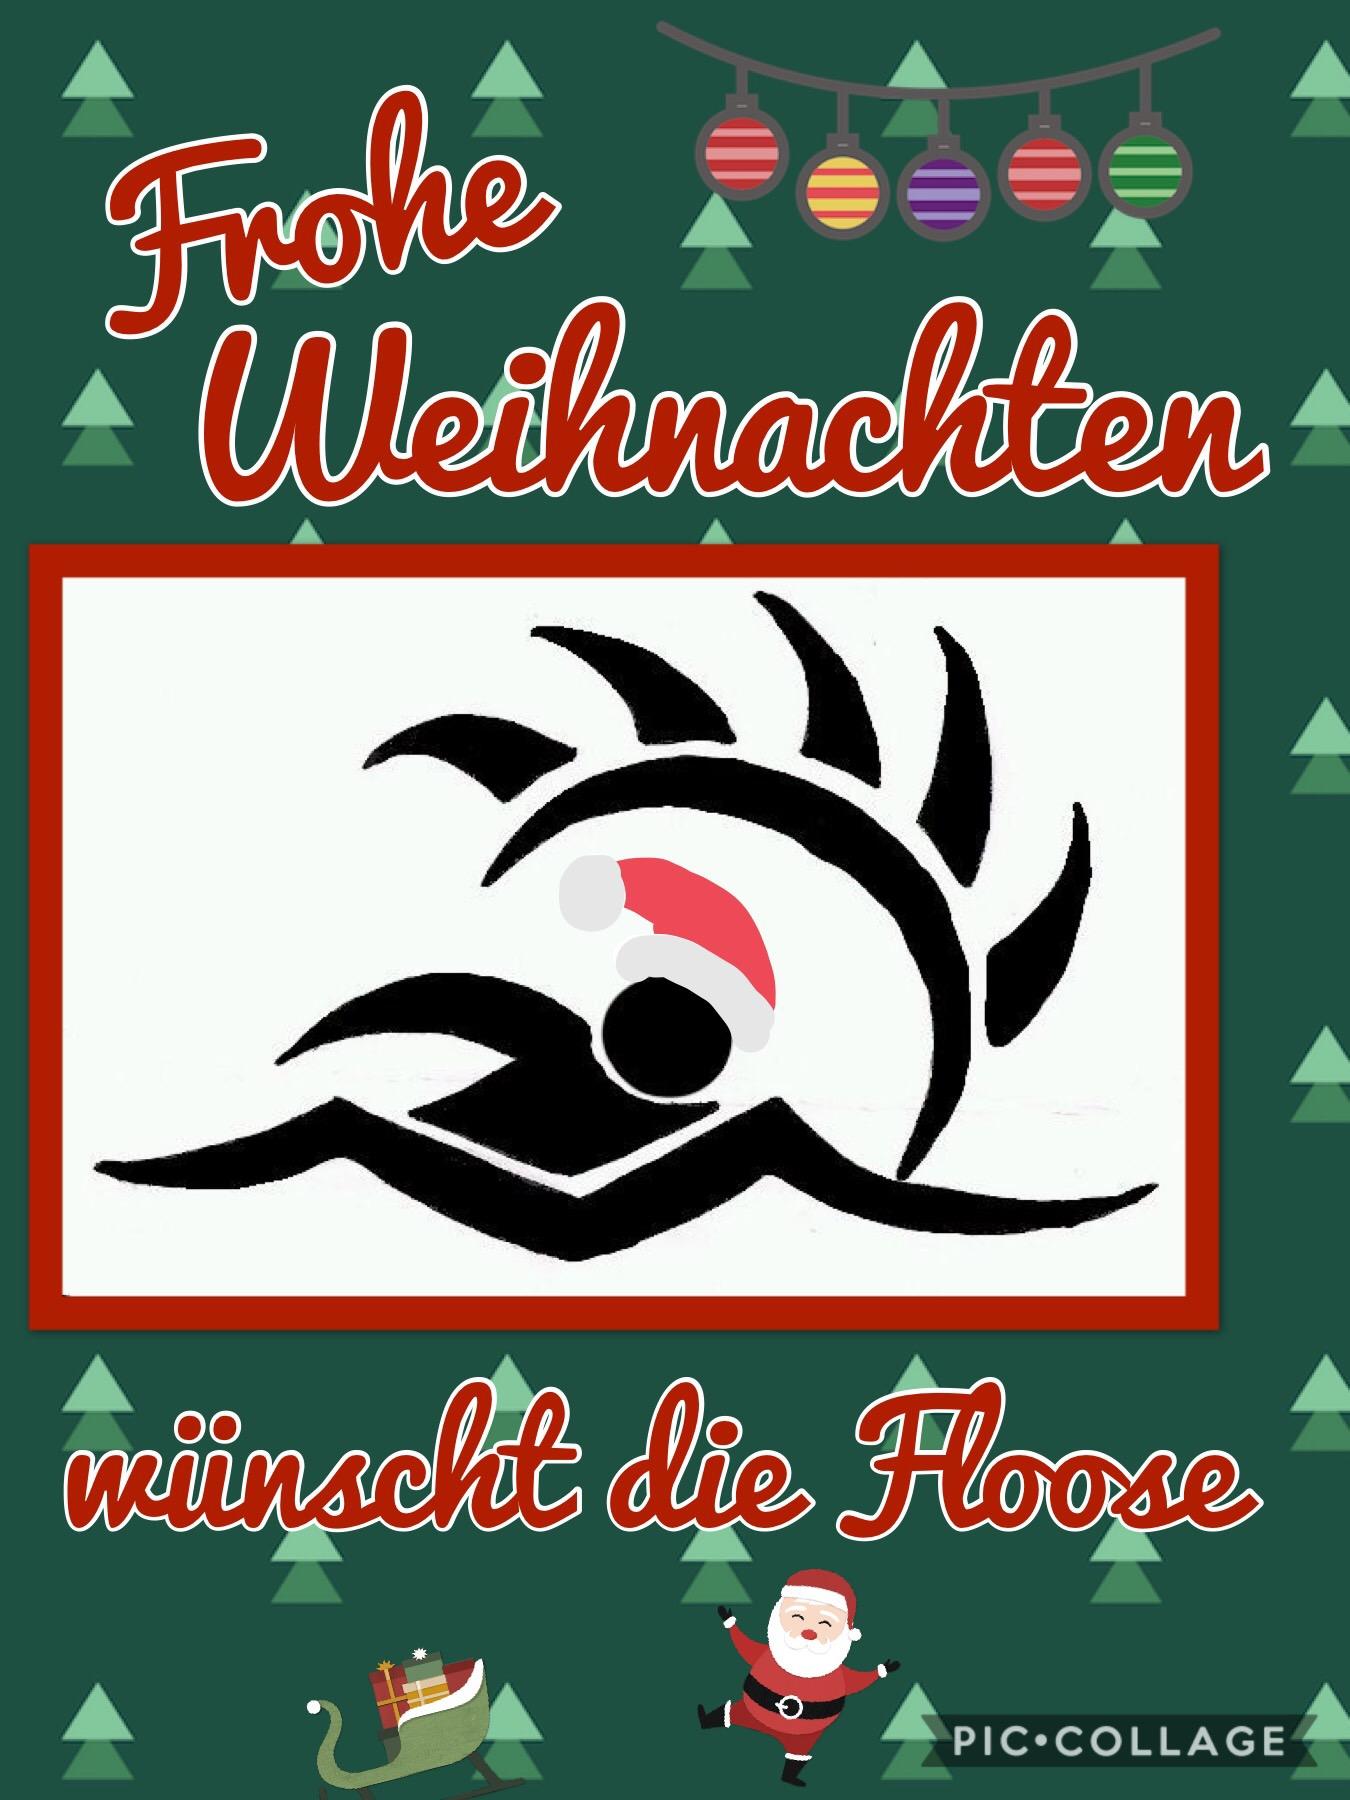 Wir Wünschen Euch Frohe Und Besinnliche Weihnachten.Frohe Weihnachten Fri ööwingsfloose